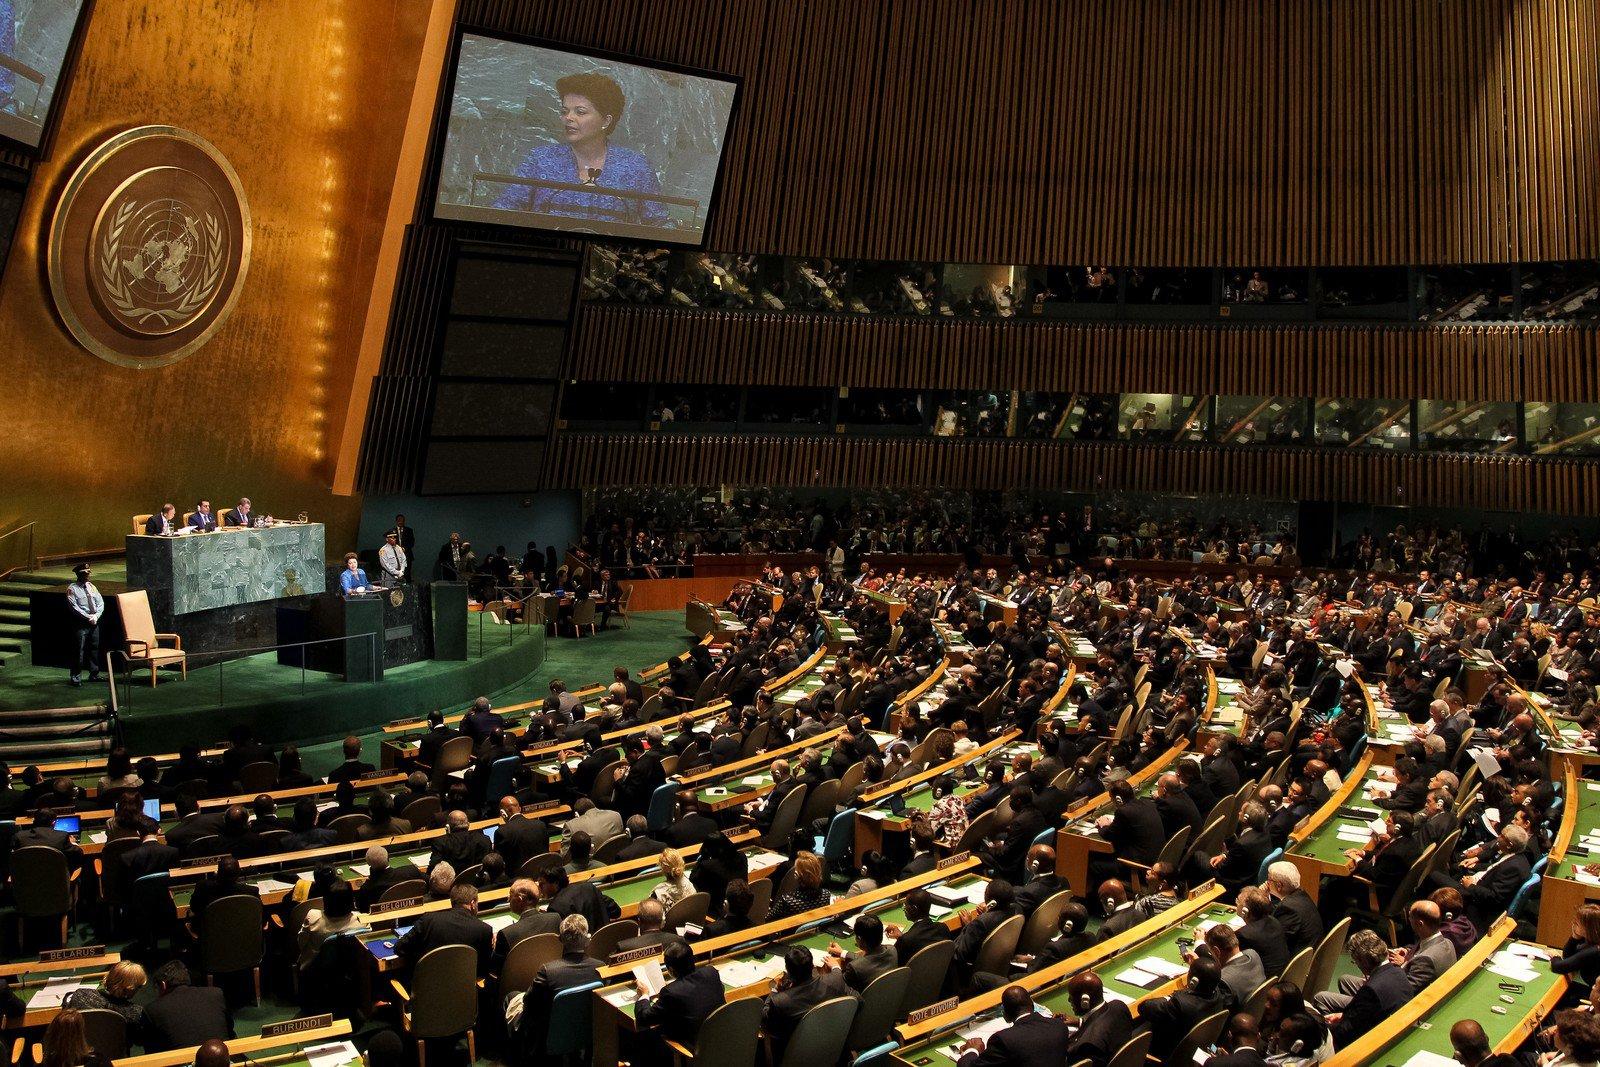 Naciones Unidas un burdel de lujo – Por Bryan Acuña